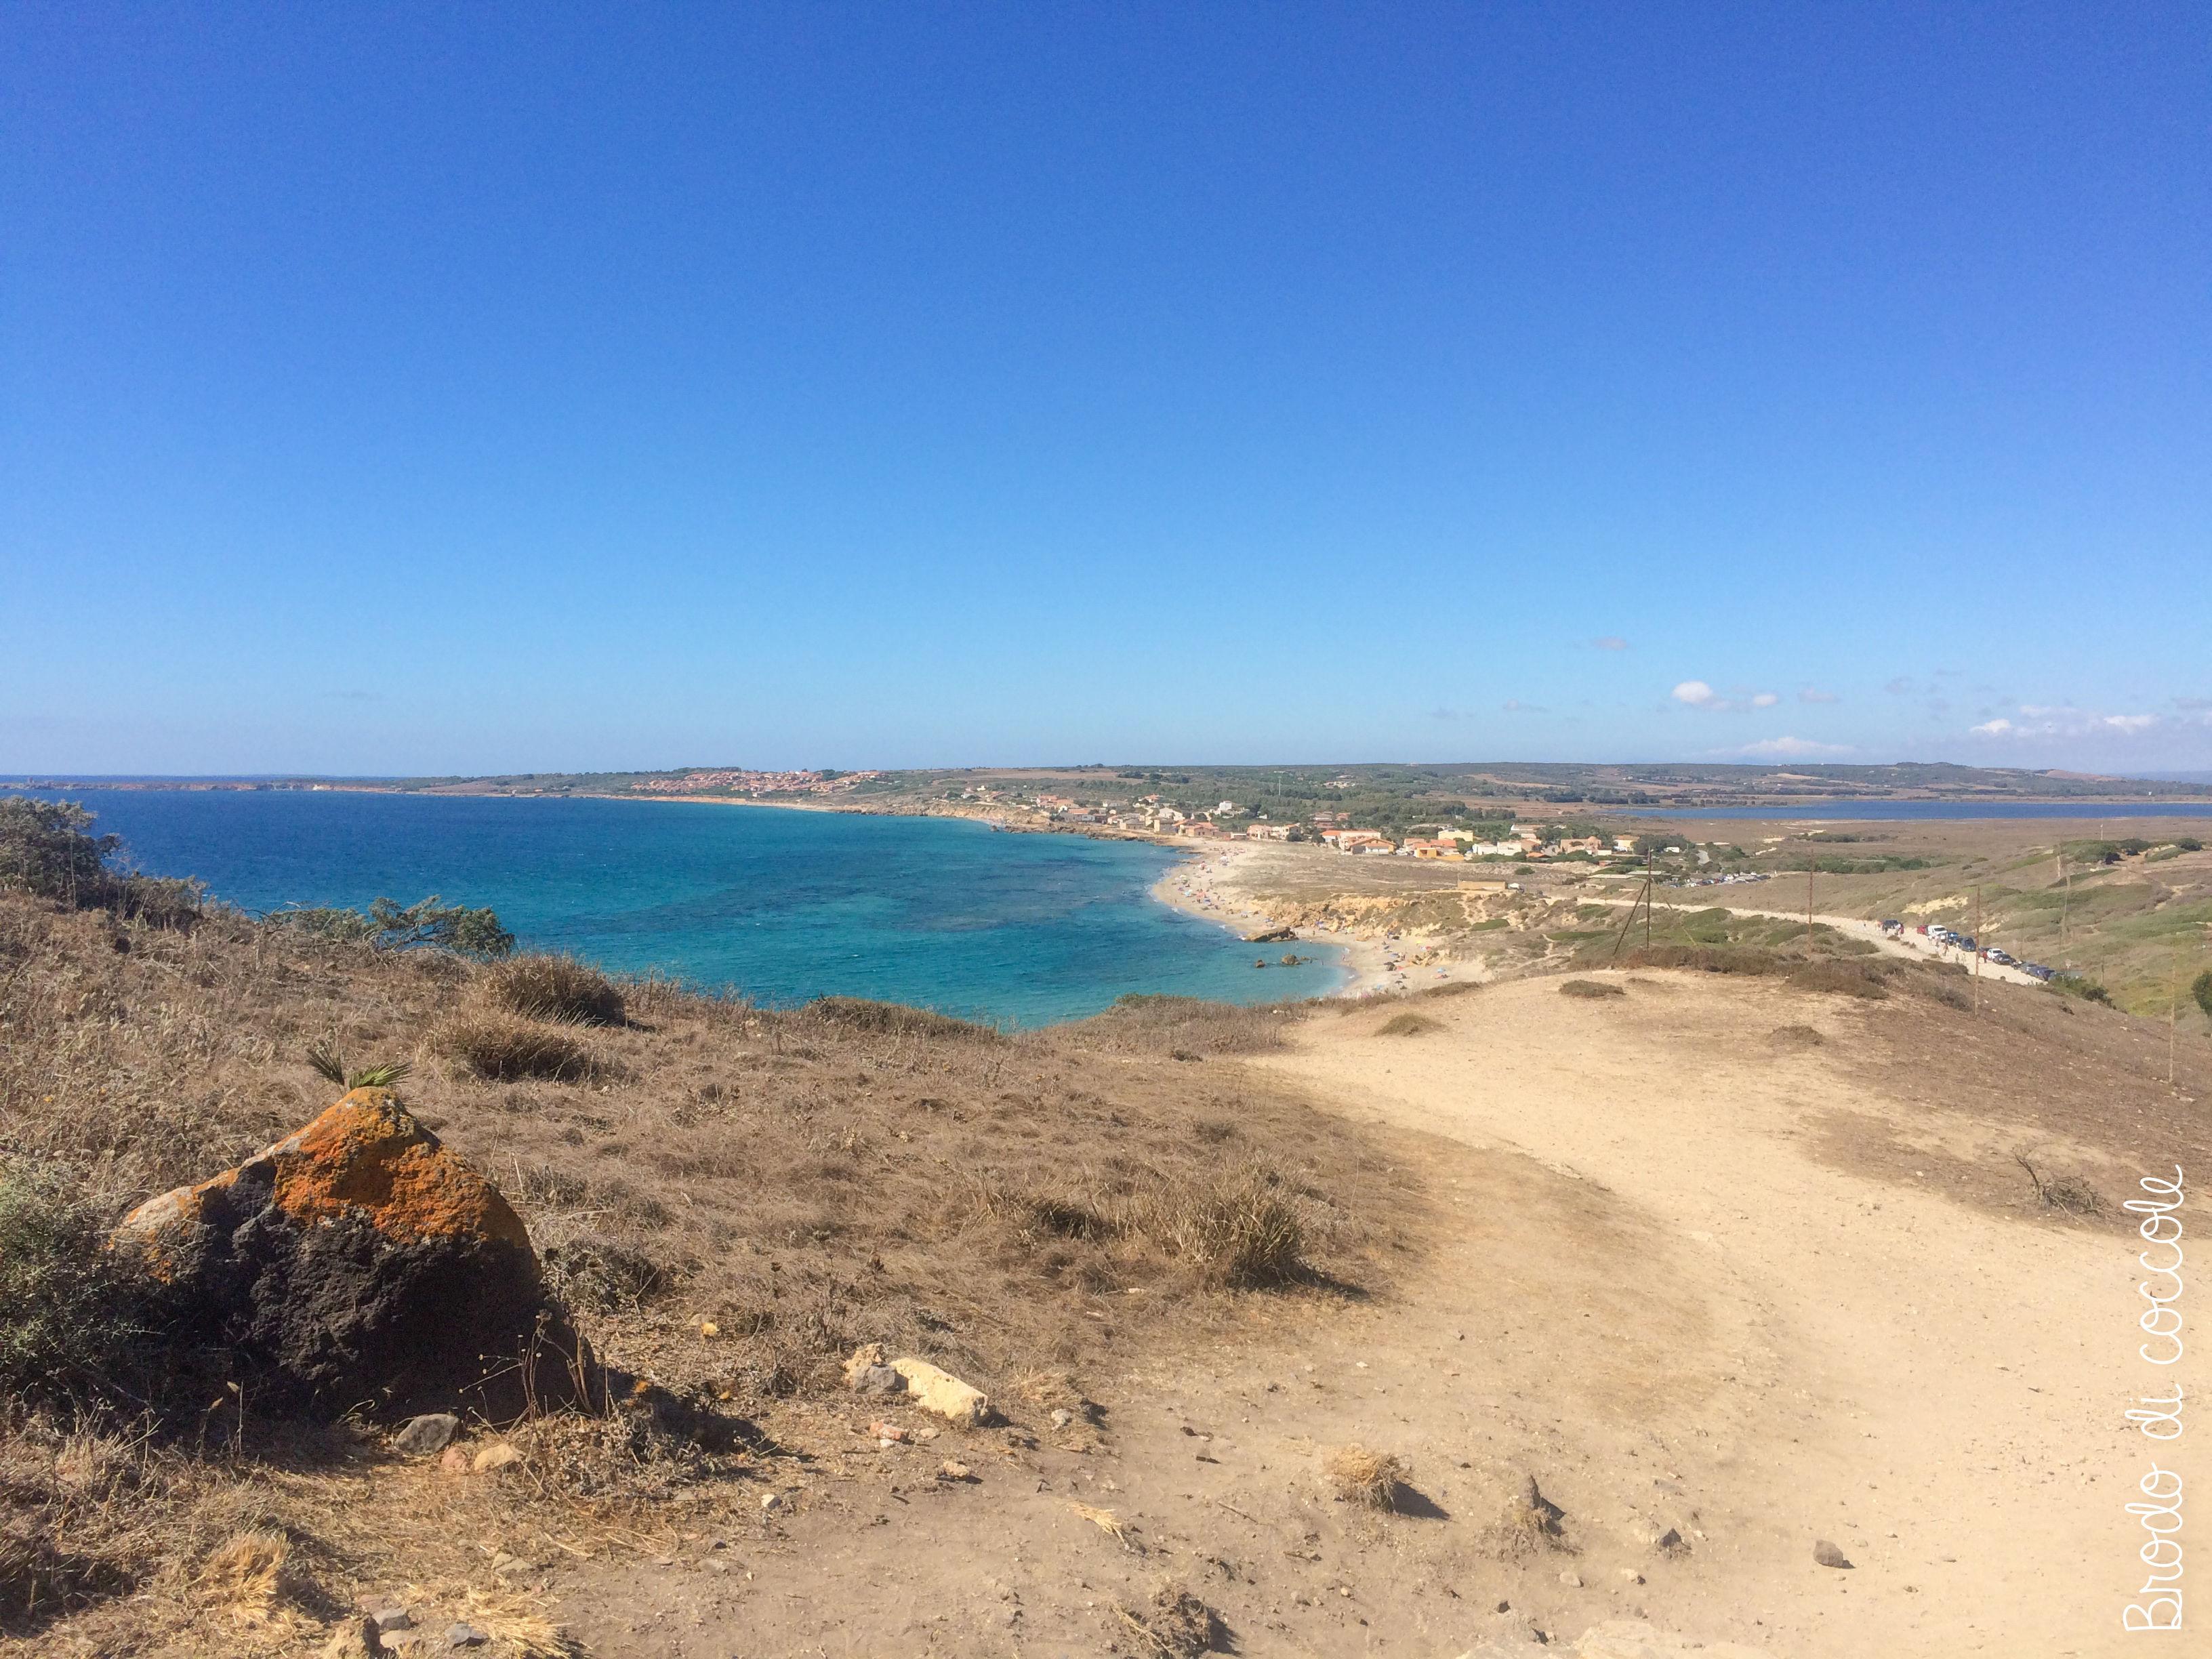 Sardegna - Penisola del Sinis